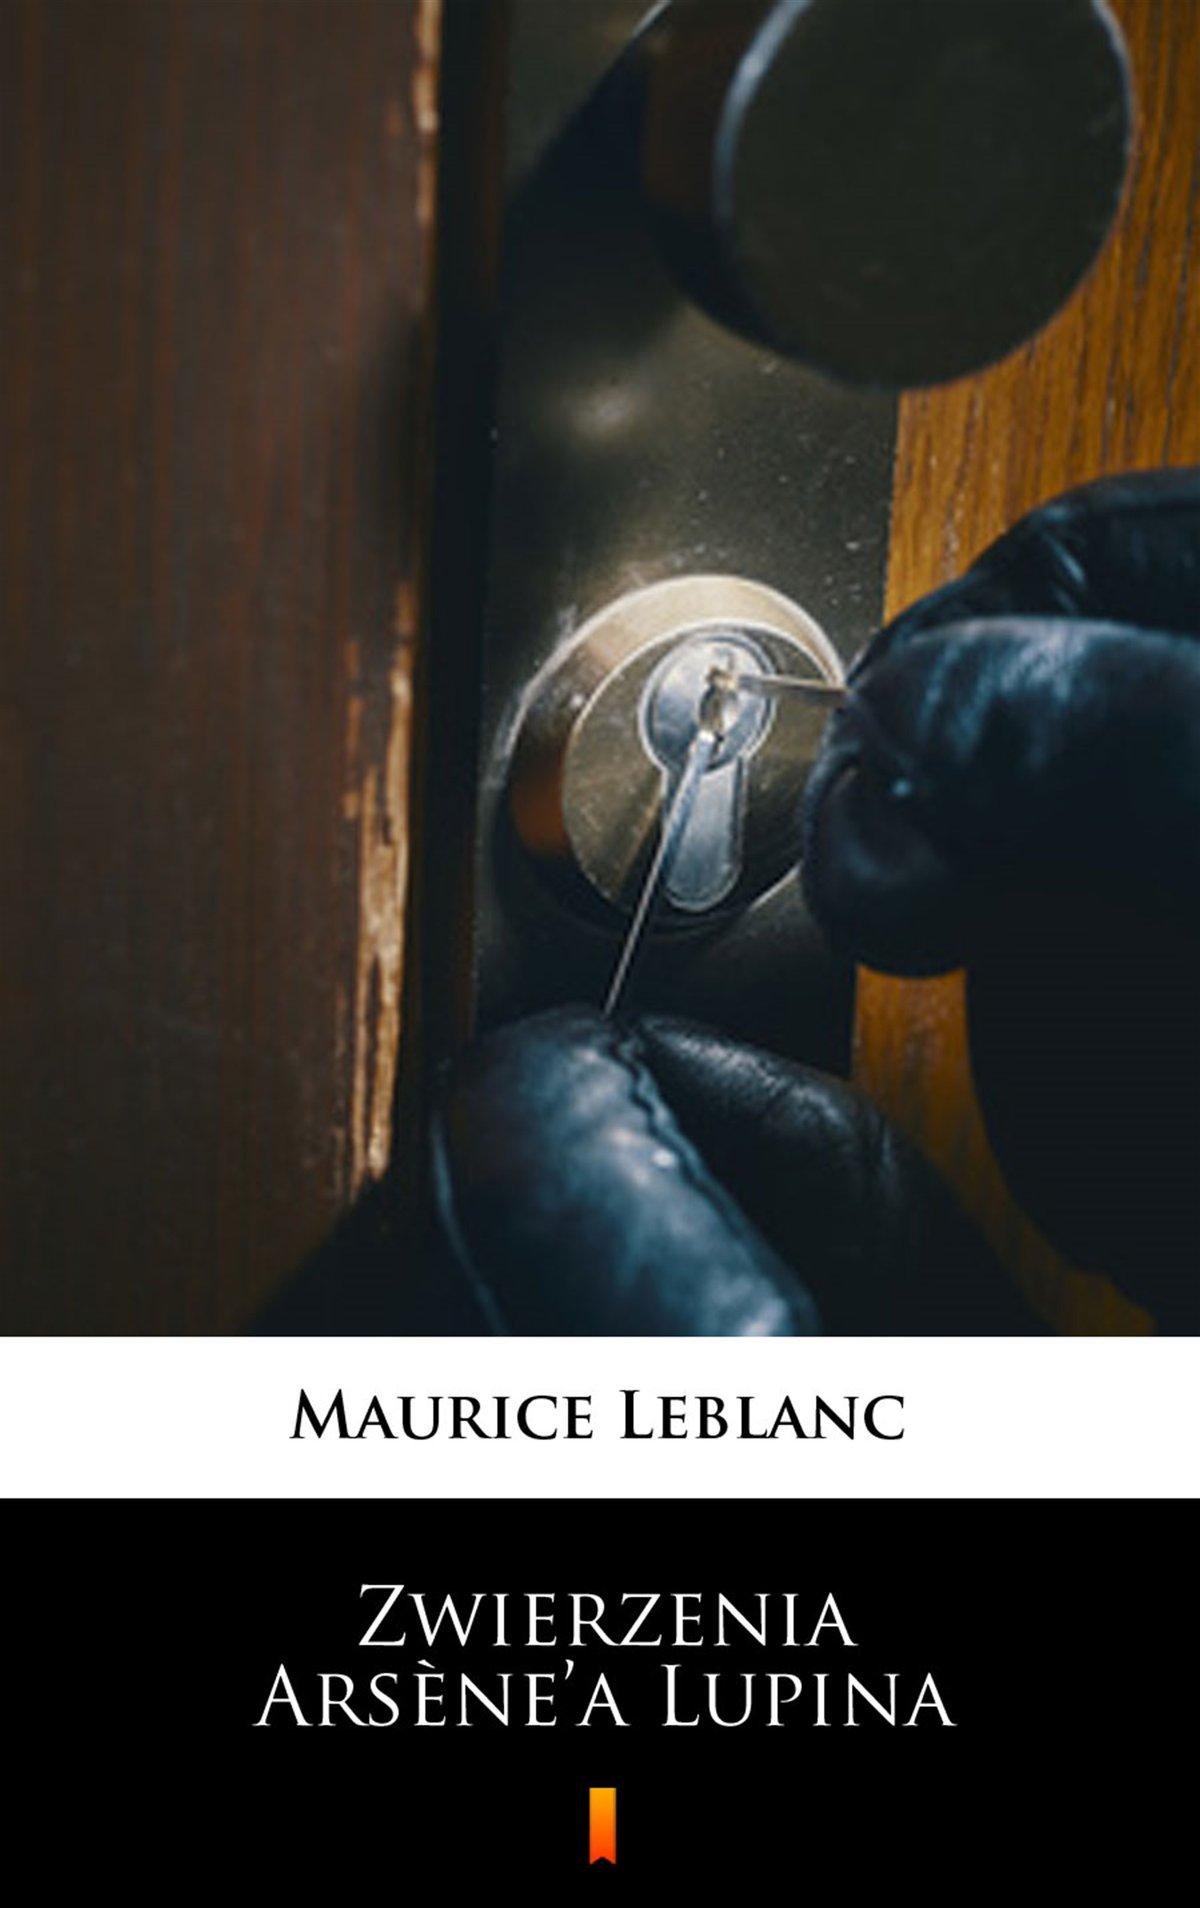 Zwierzenia Arsène'a Lupina - Ebook (Książka EPUB) do pobrania w formacie EPUB